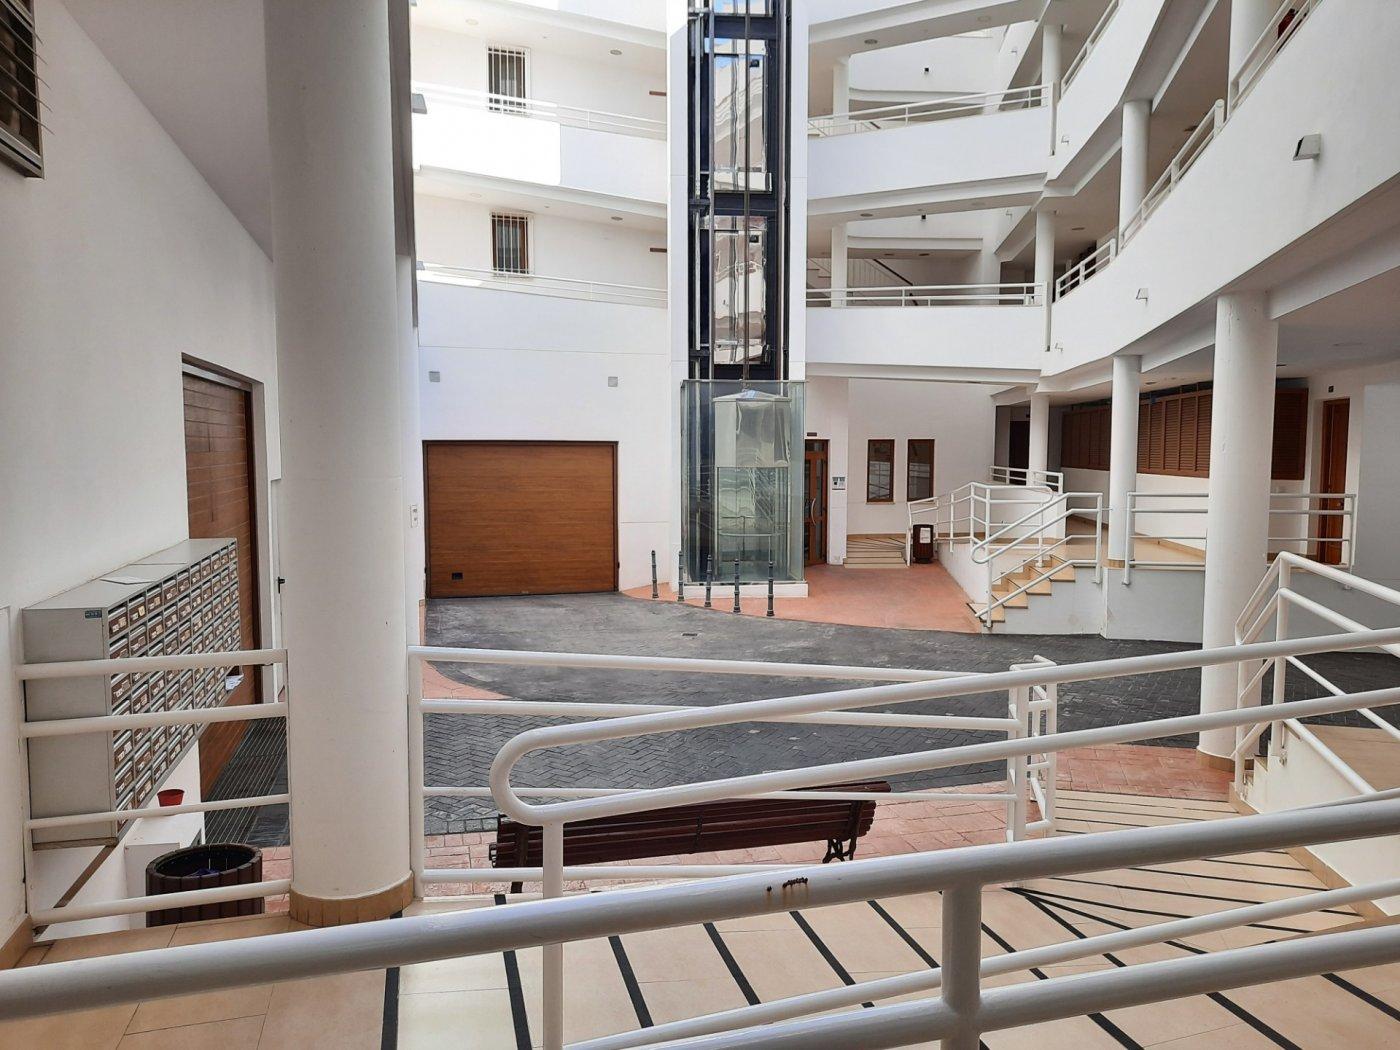 Espacioso piso en altea - imagenInmueble16